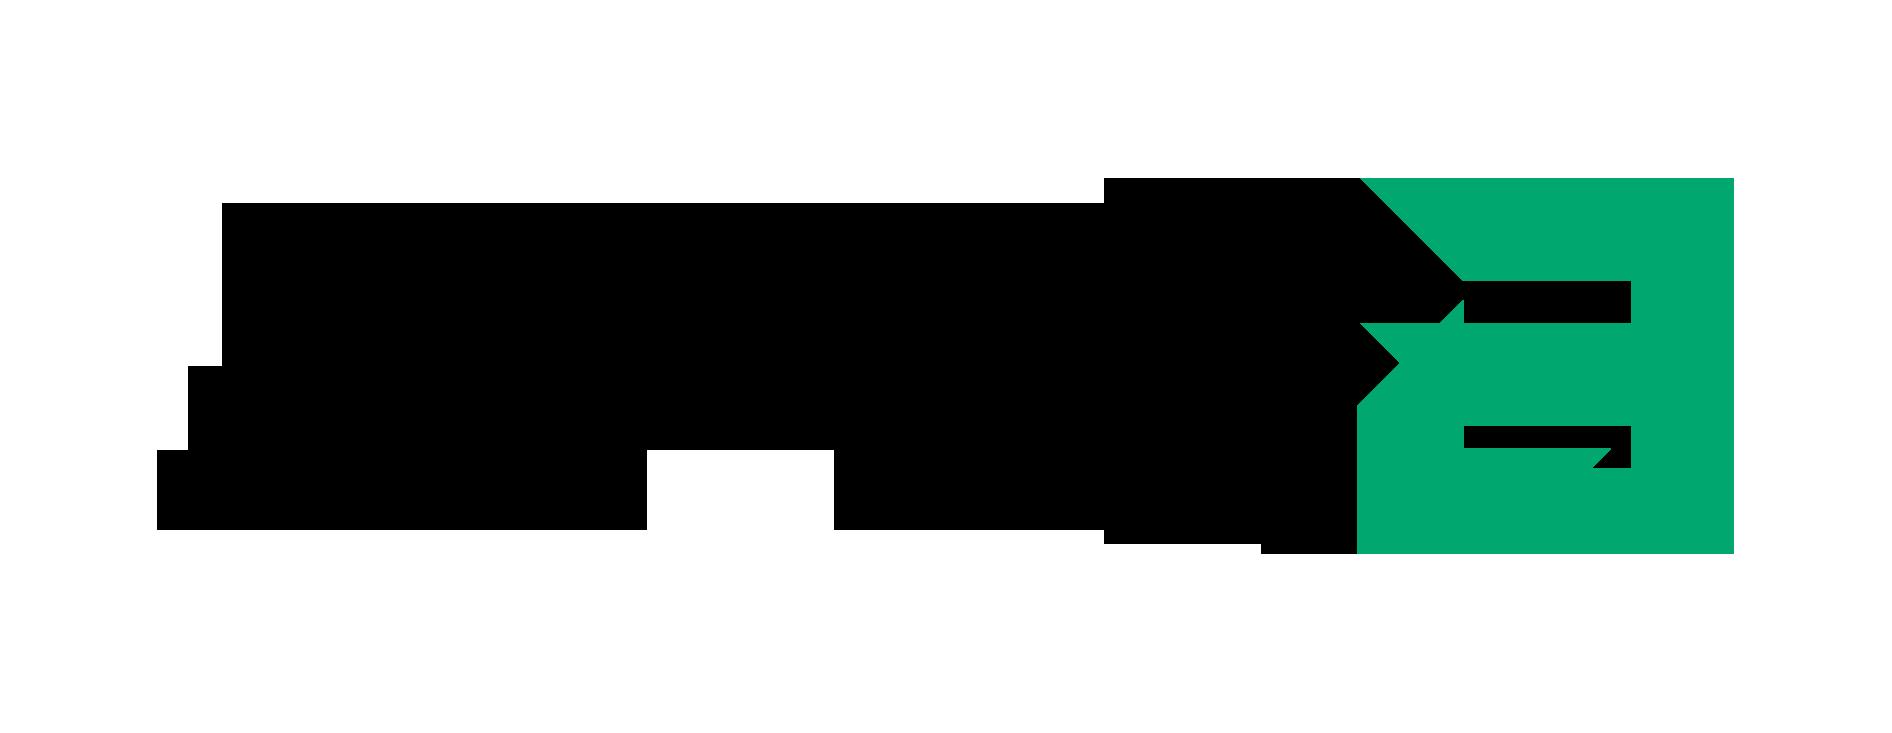 AMD Logo Wallpaper